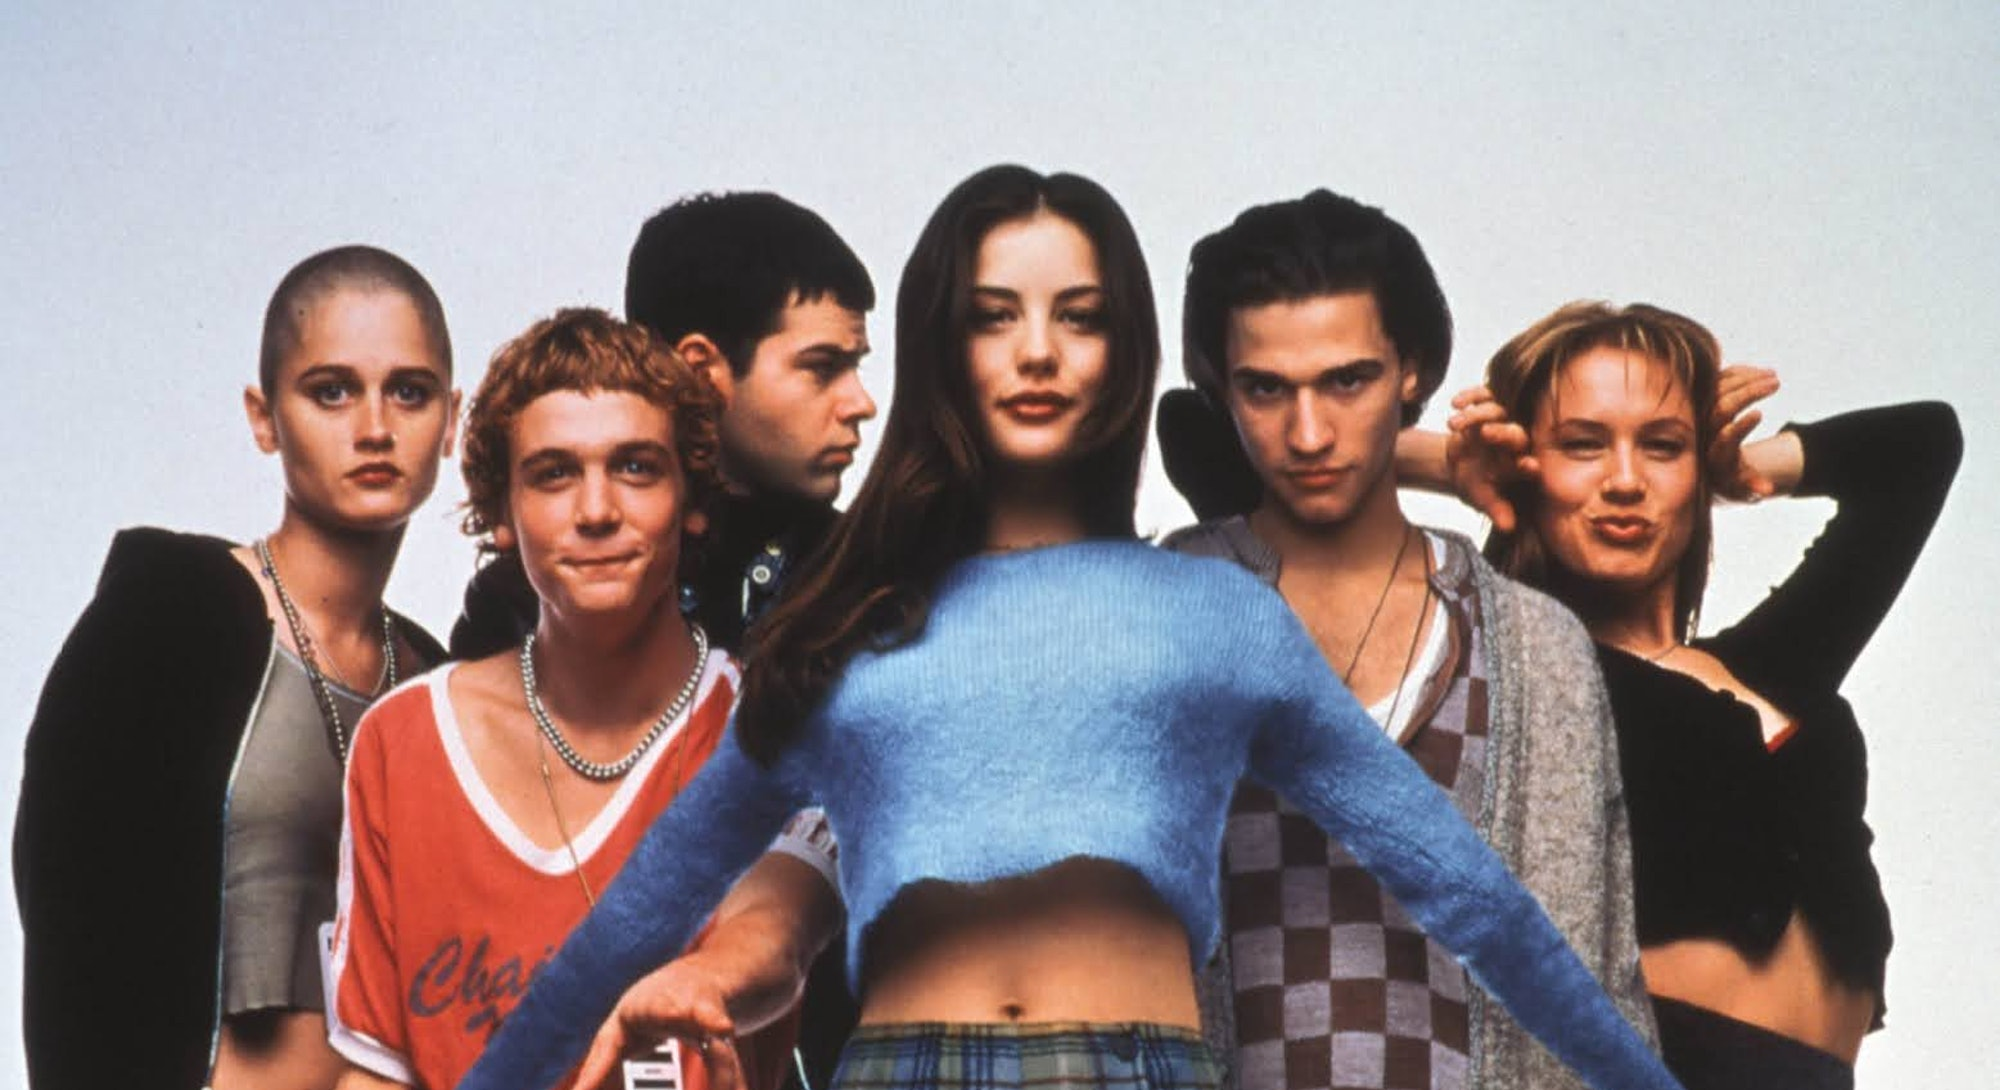 Cast of Empire Records in 1995.